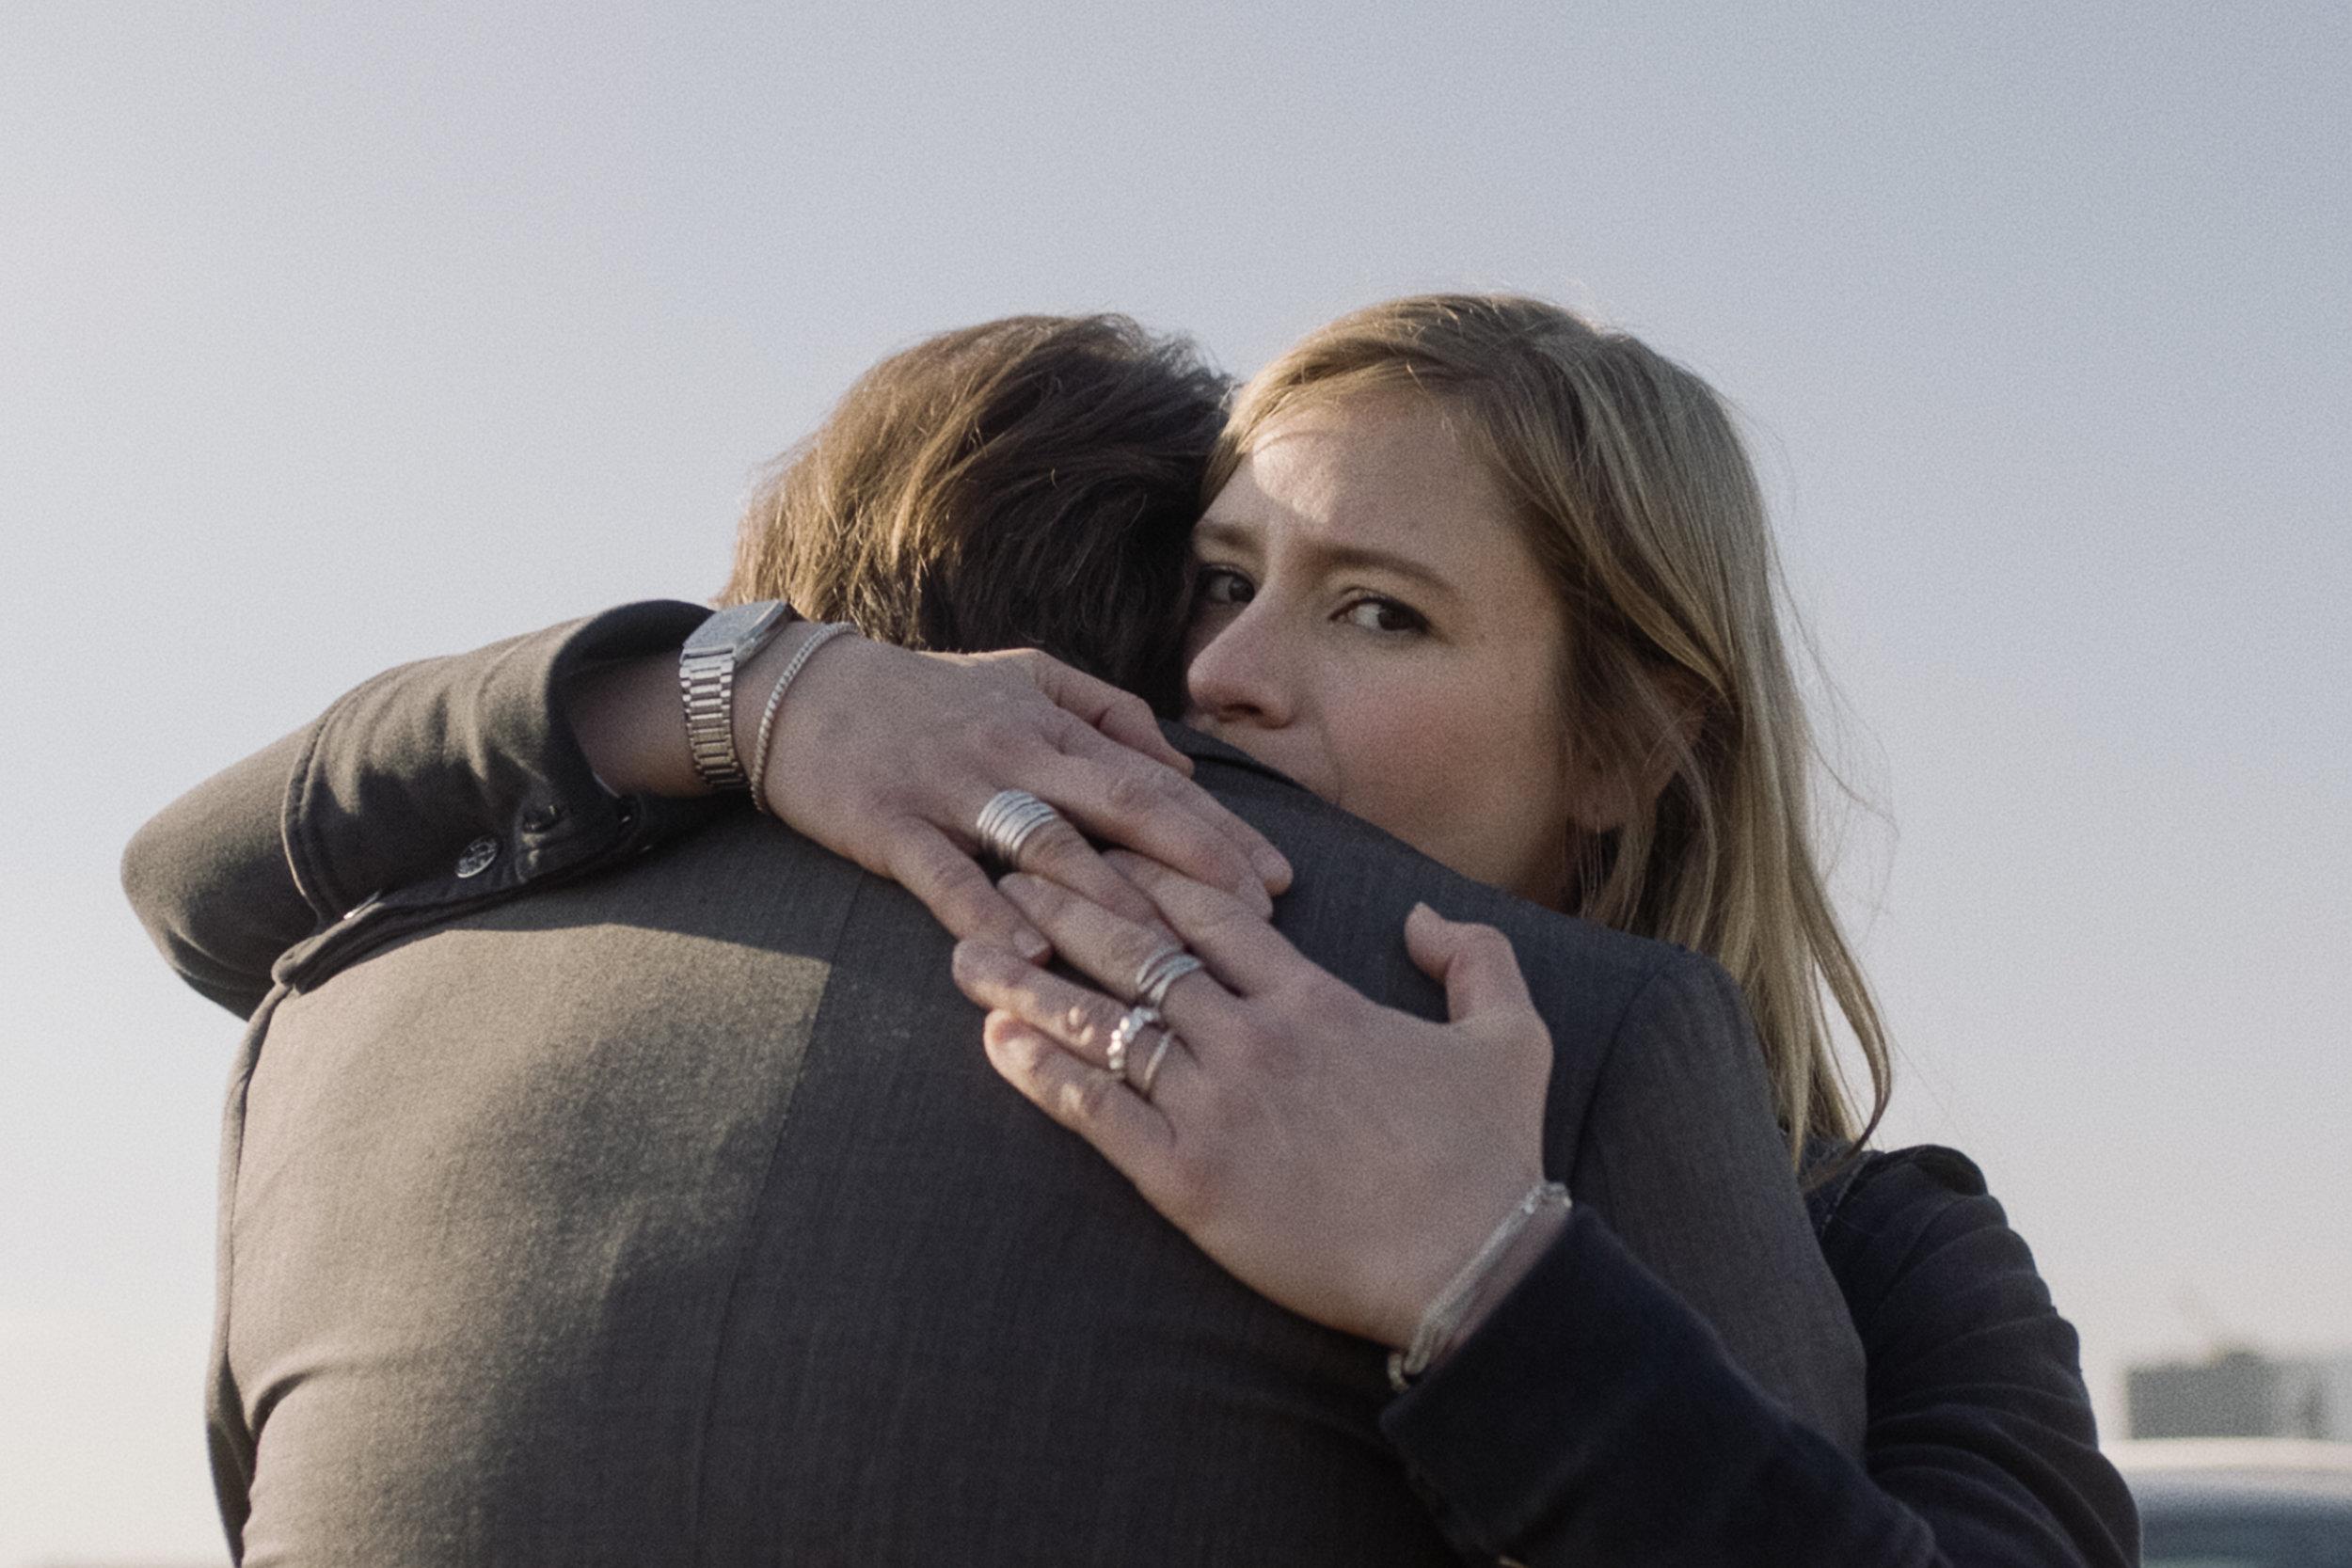 Skuespillerne Julia Jentsch og Bjarne Mädel gjør en formidabel innsats som Astrid Lorentz og hennes mann Markus.